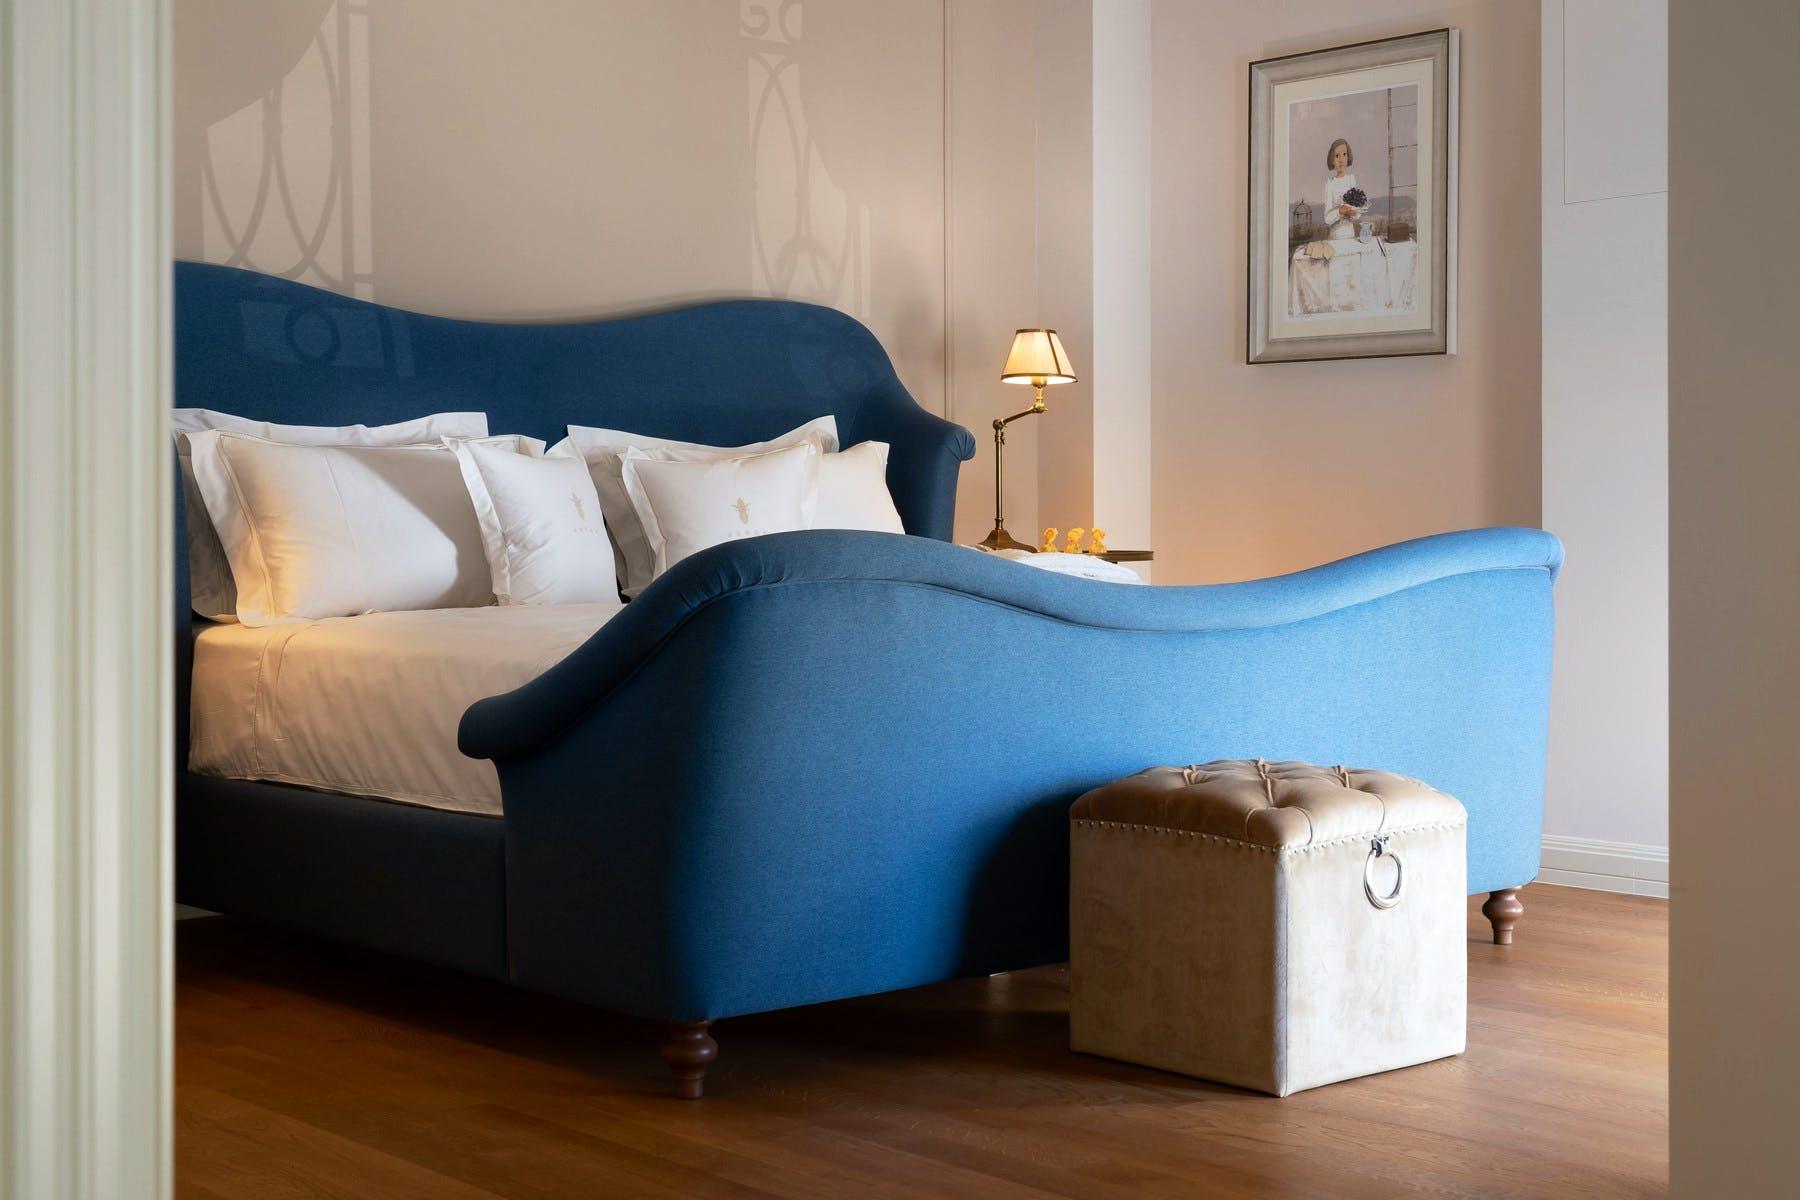 Double bedroom boasting refined interior decor